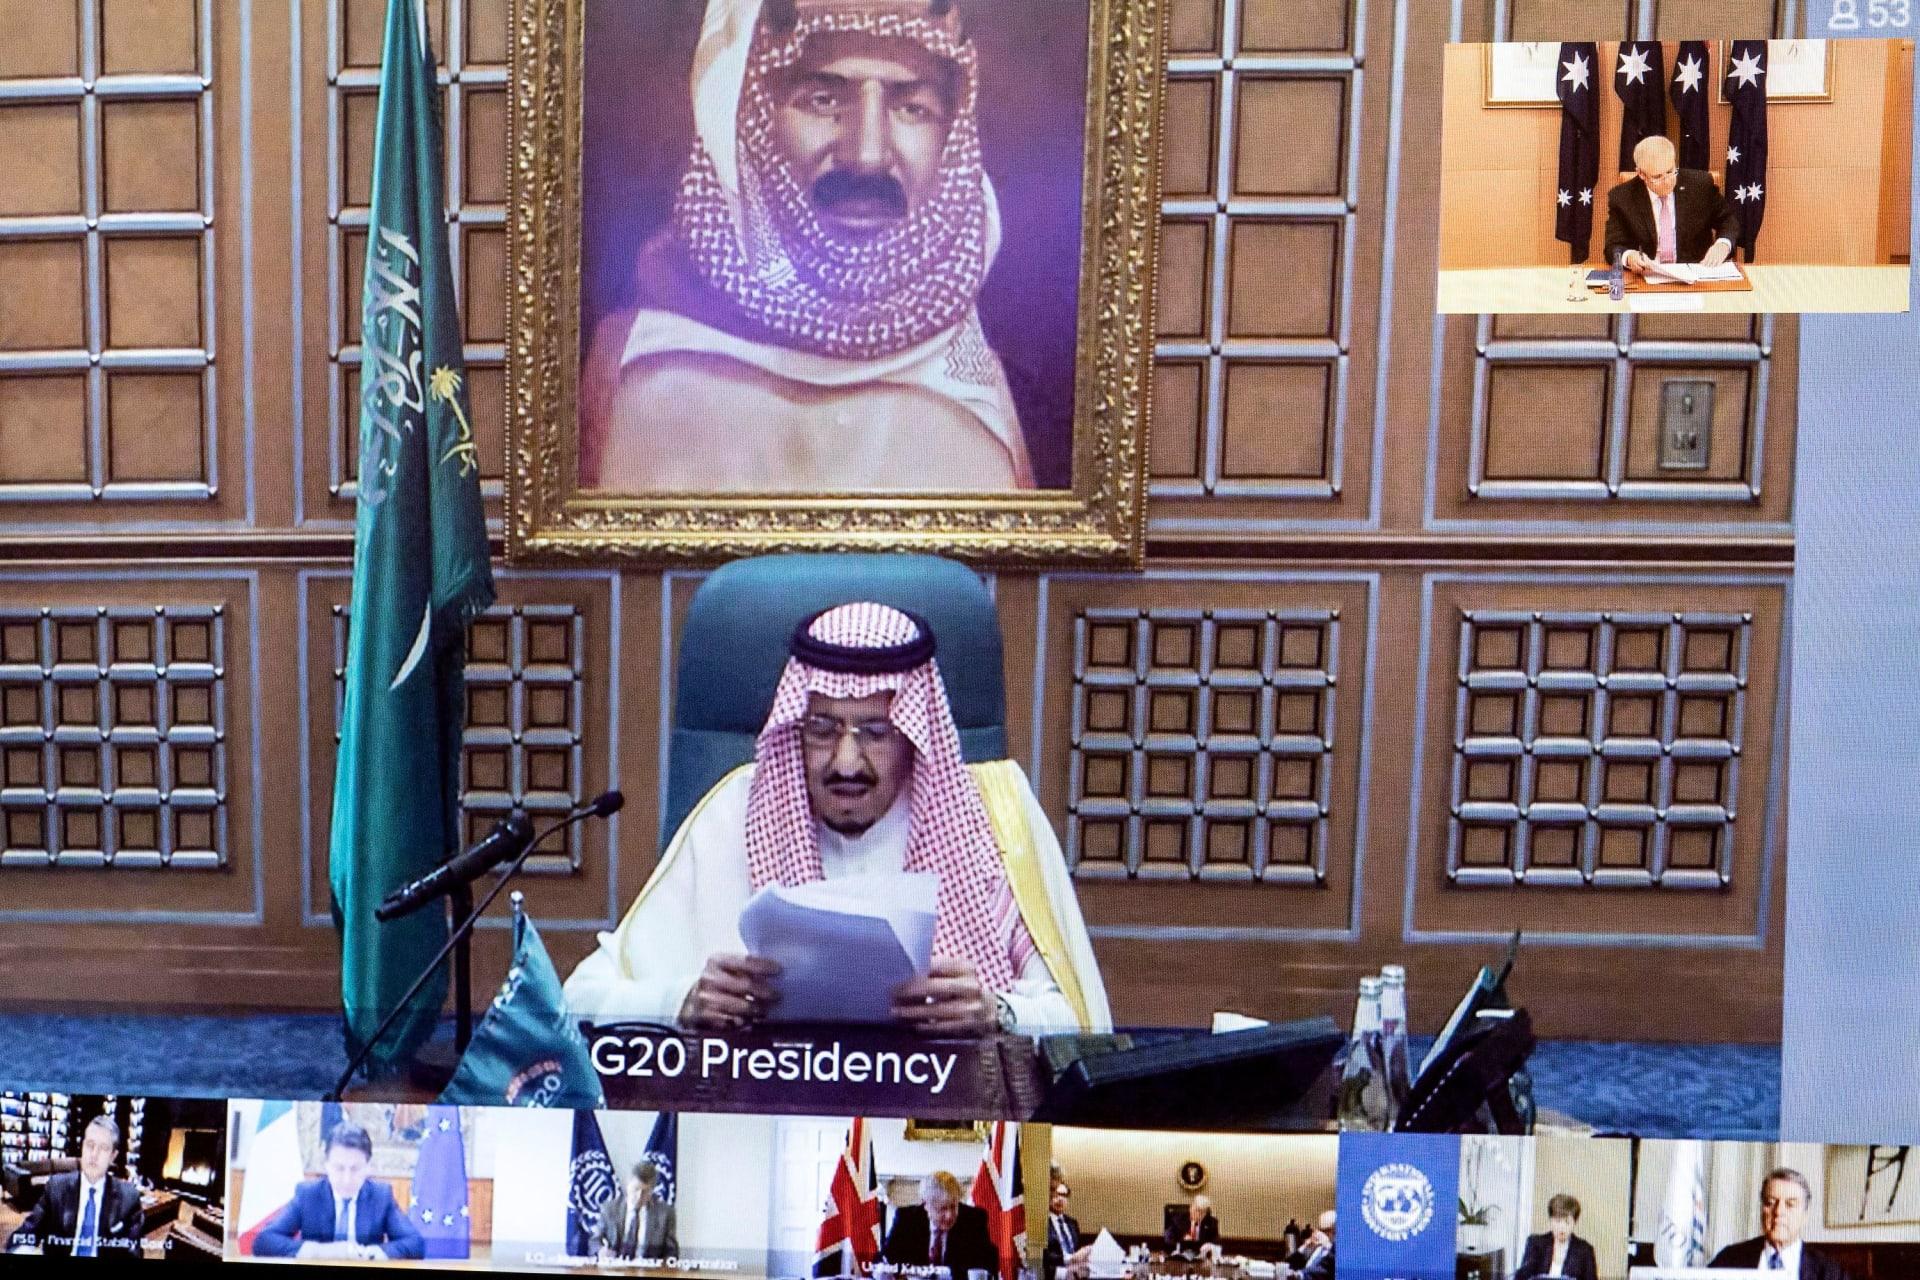 السعودية تعلن عقد قمة الـ20 افتراضياً في نوفمبر المقبل